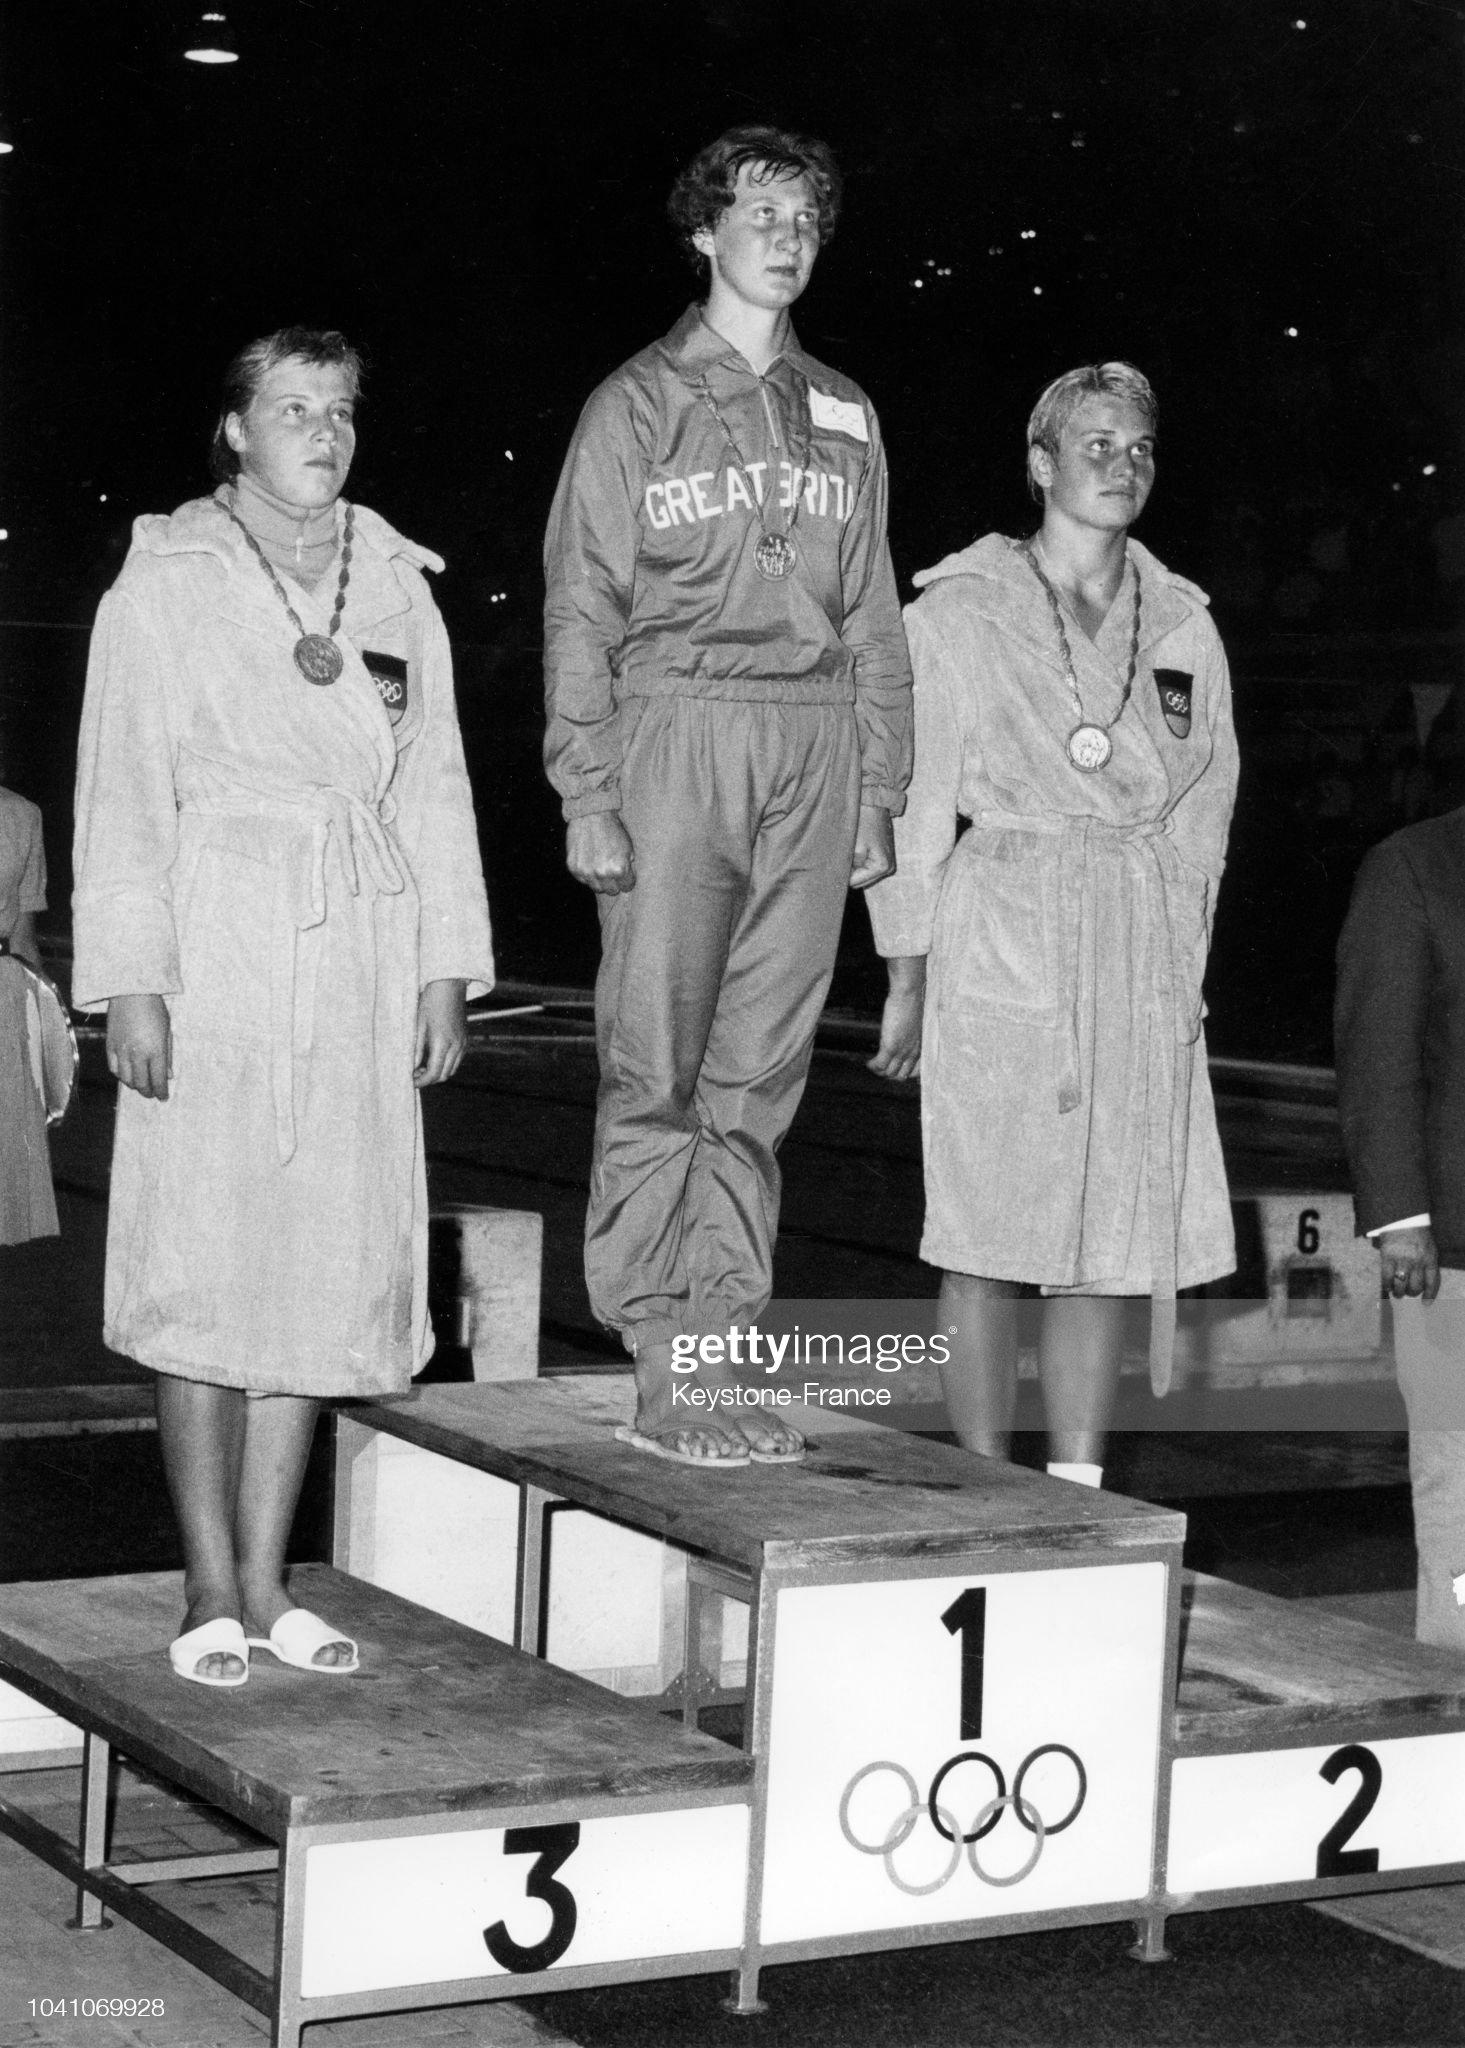 Les championnes olympiques du 200 mètres sur le podium : Fotografía de noticias